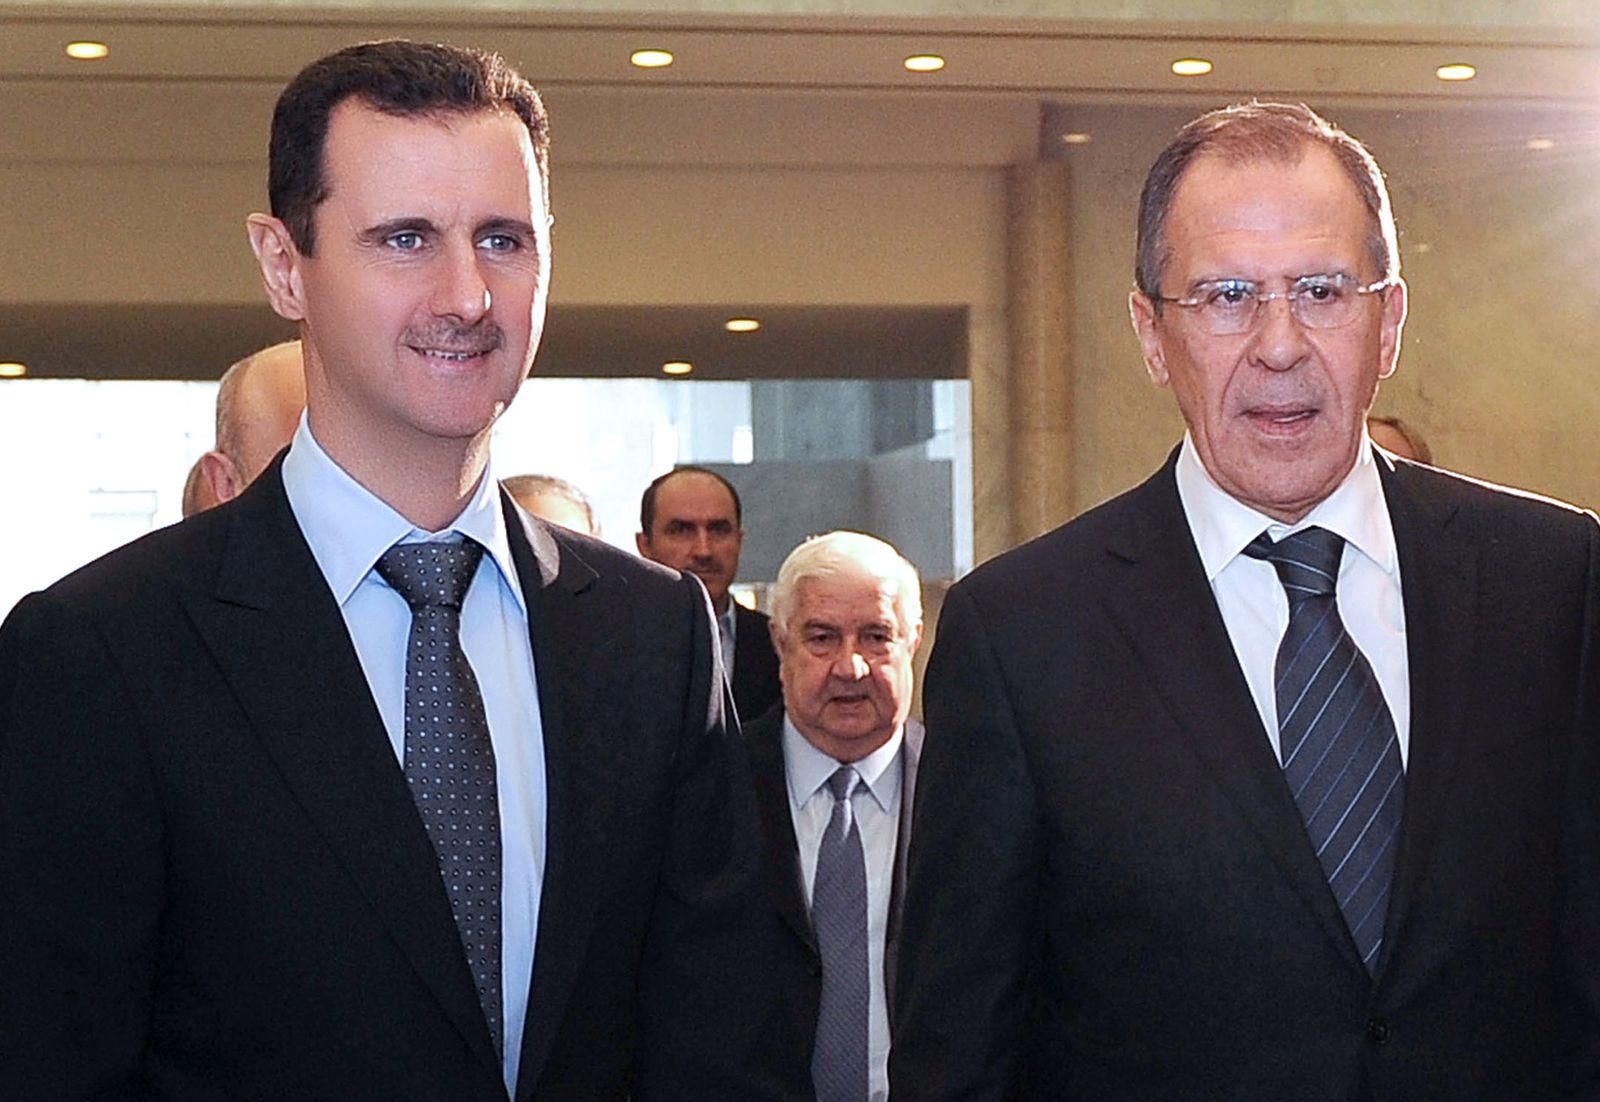 Assad Lawrow